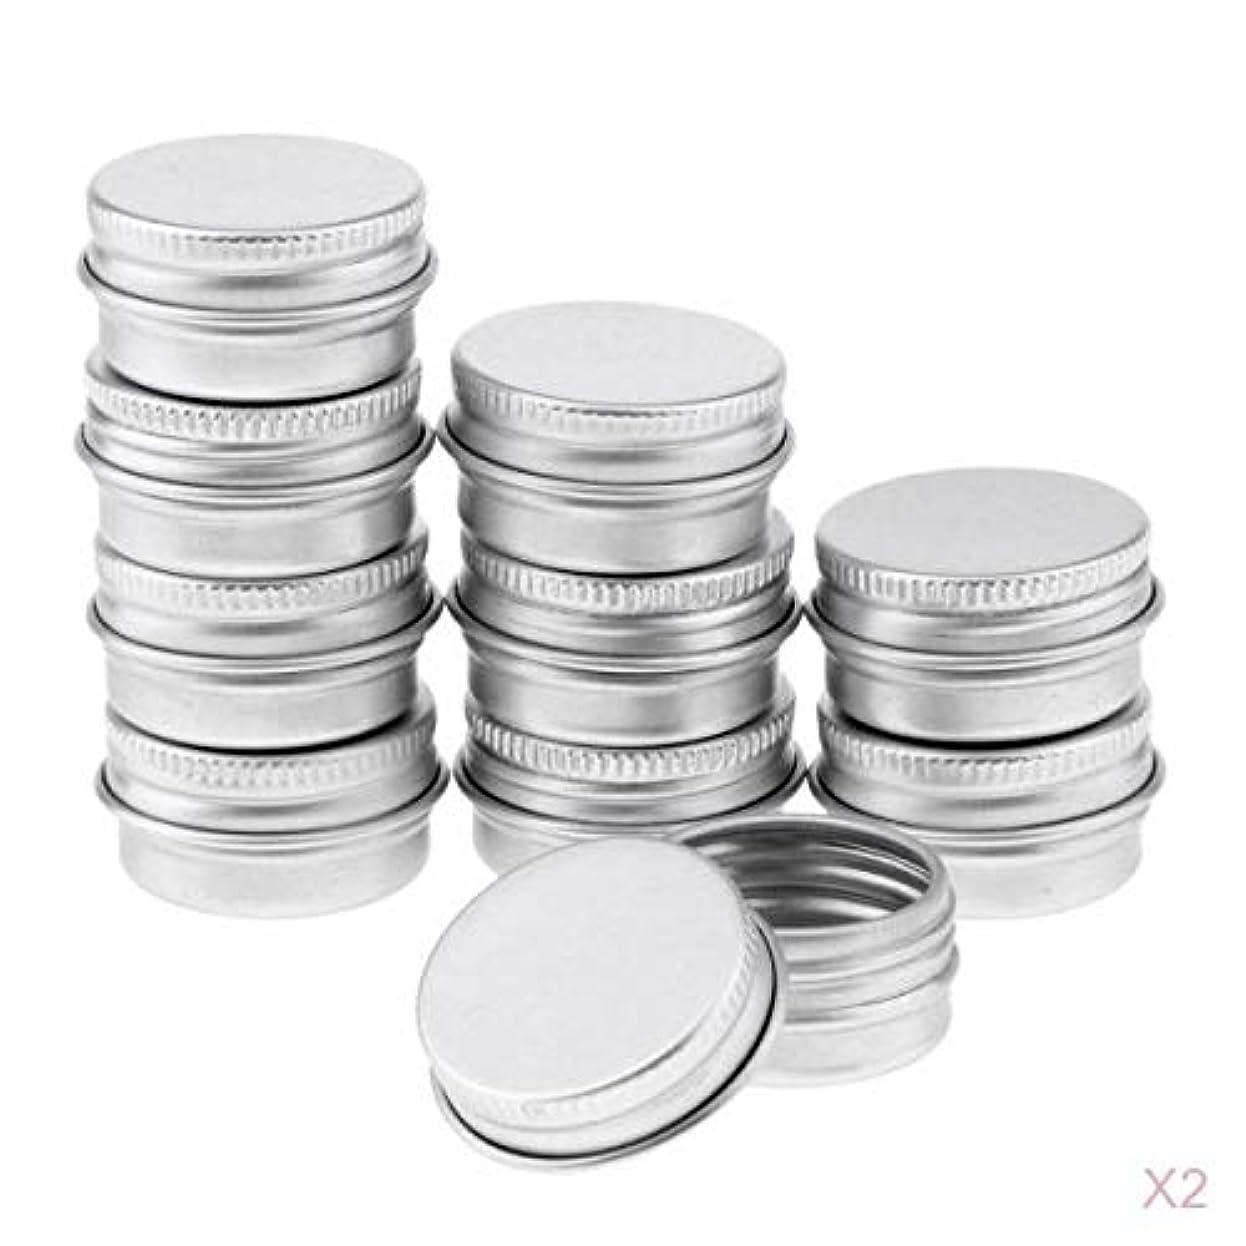 ショルダー適性発行P Prettyia 約20個 メイクアップジャー 5g アルミ缶 化粧品 コスメ 小分け容器